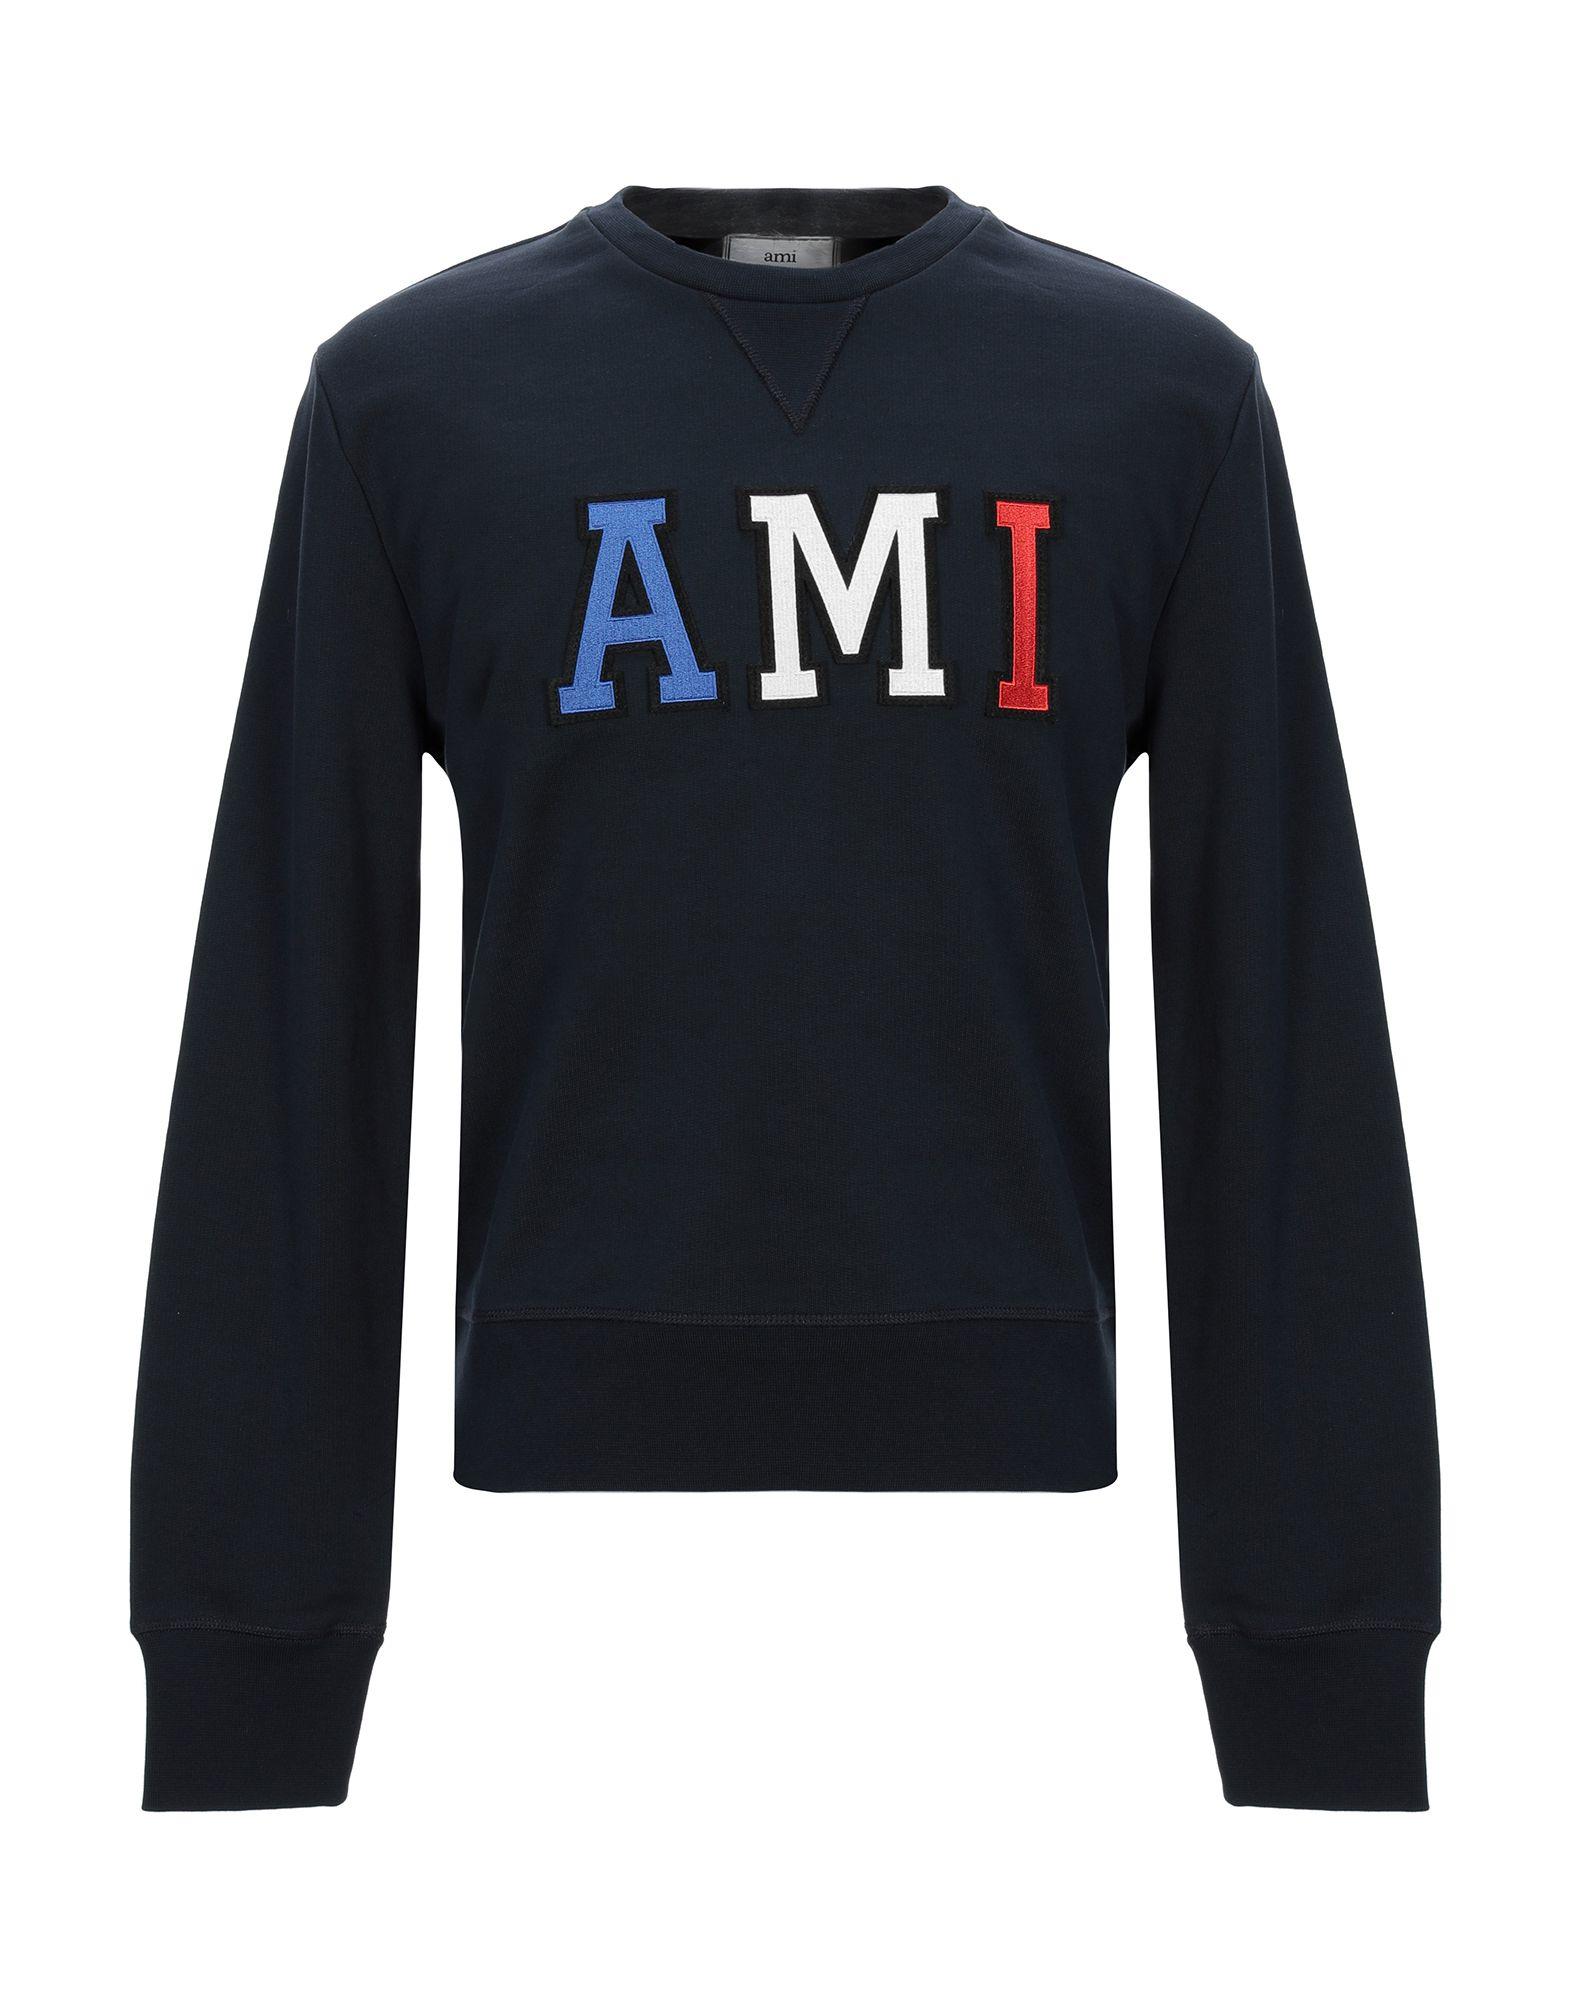 цены на AMI ALEXANDRE MATTIUSSI Толстовка  в интернет-магазинах